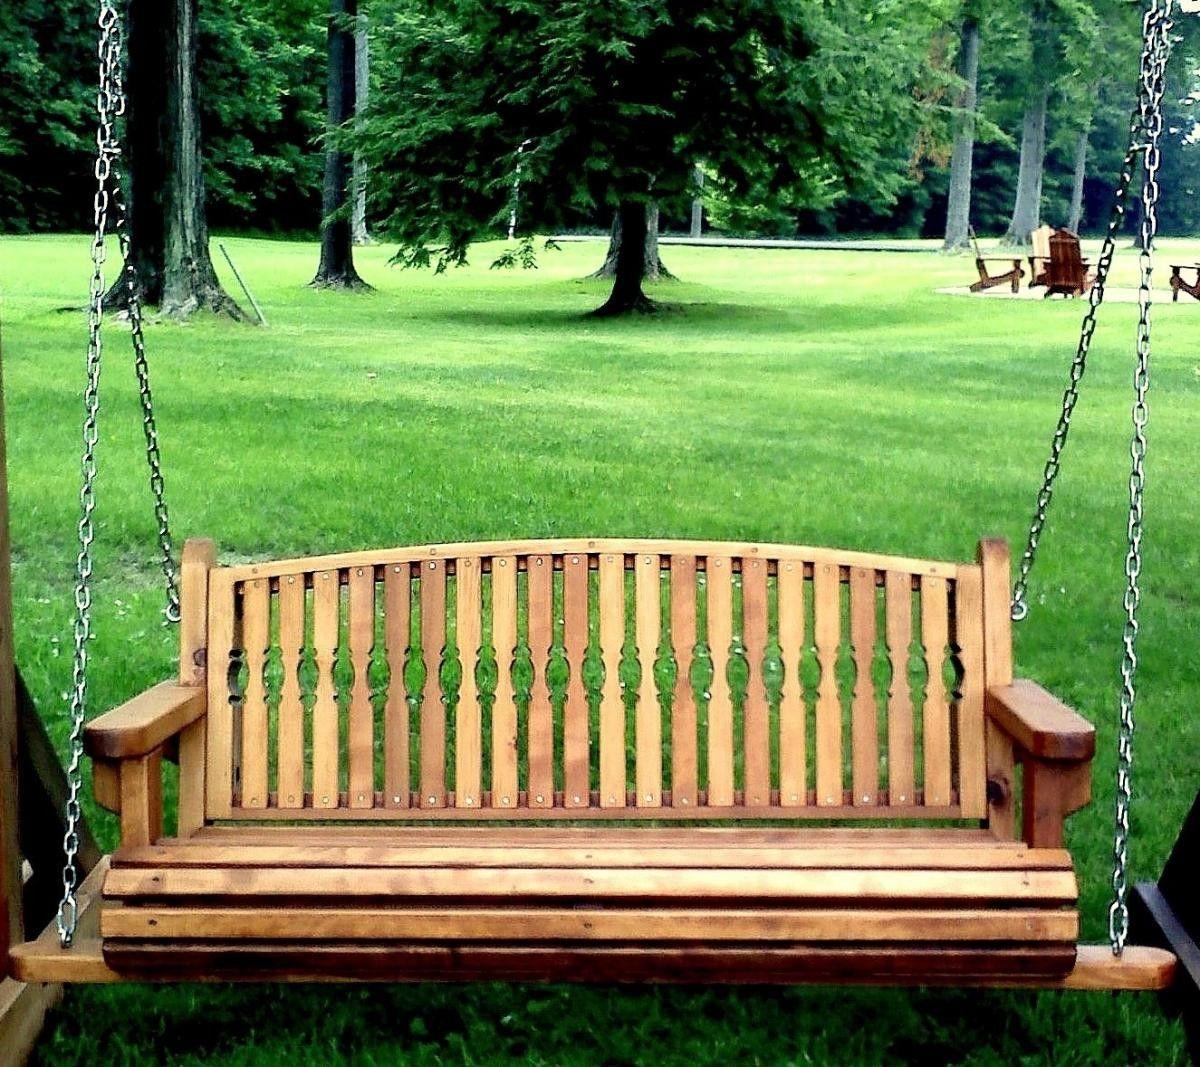 Pin by petrk kolečkář on zahrada pinterest bench garden and